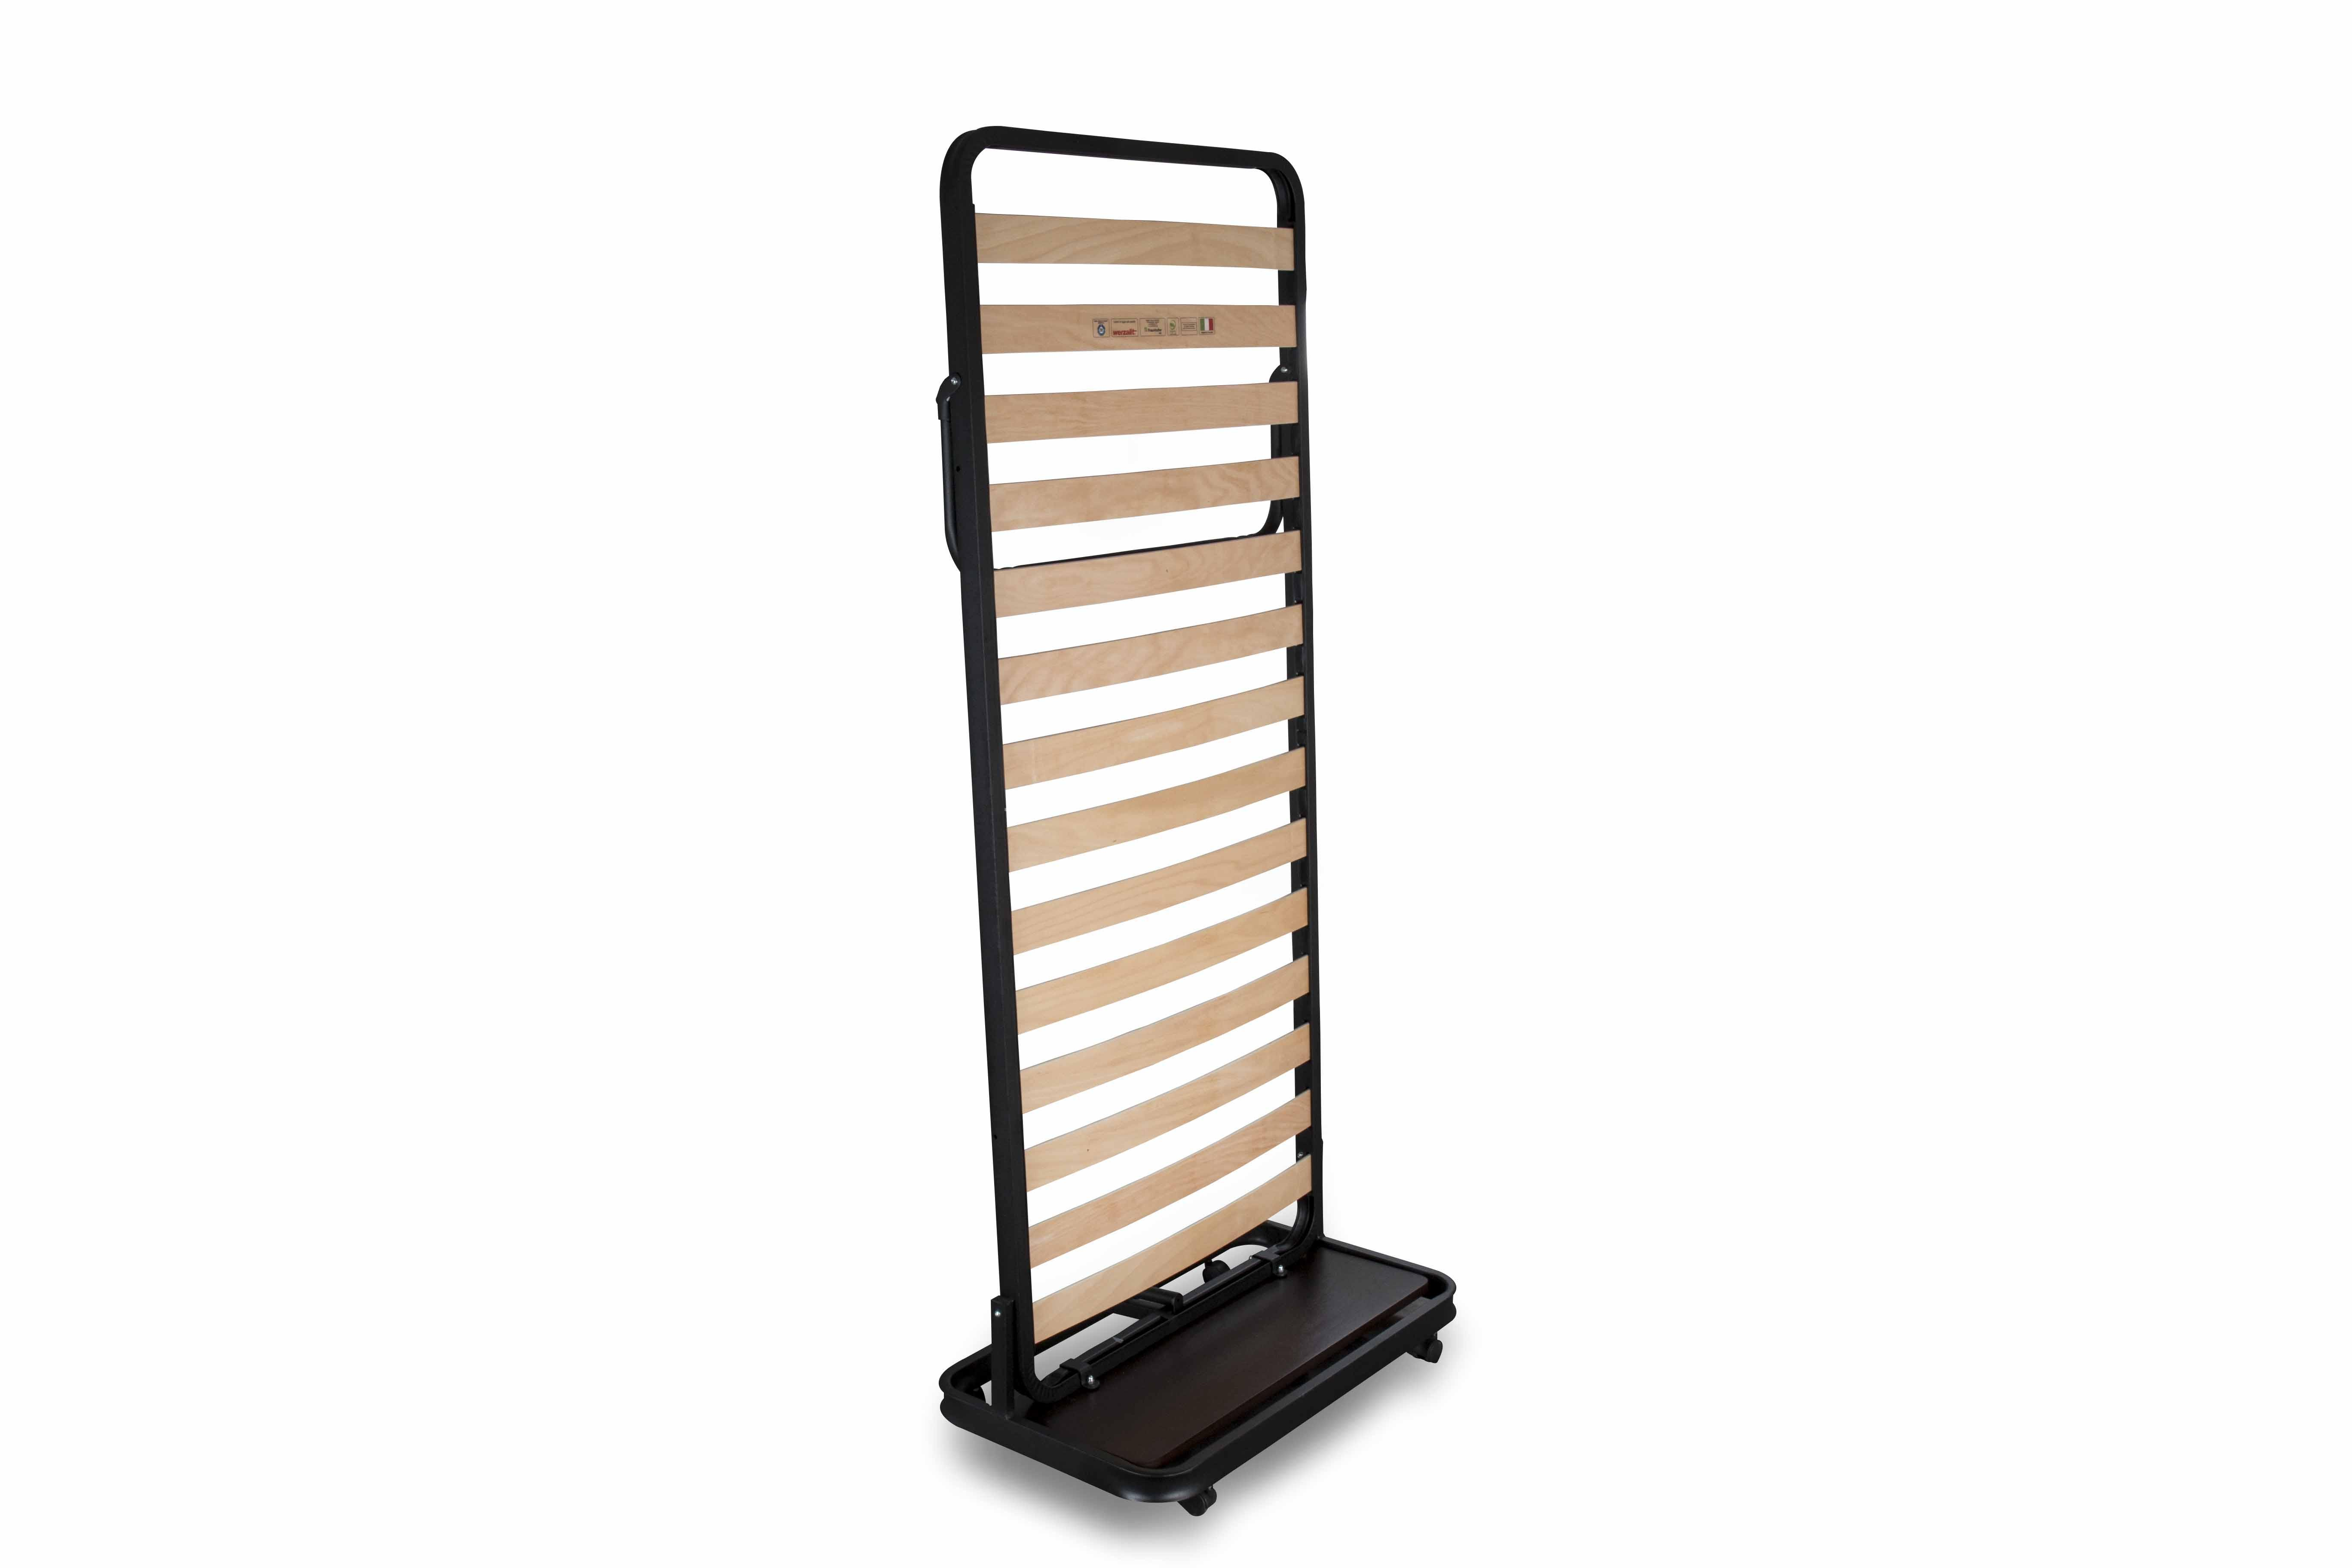 lit d 39 appoint pliant pour invit plian 80x190 plumb. Black Bedroom Furniture Sets. Home Design Ideas